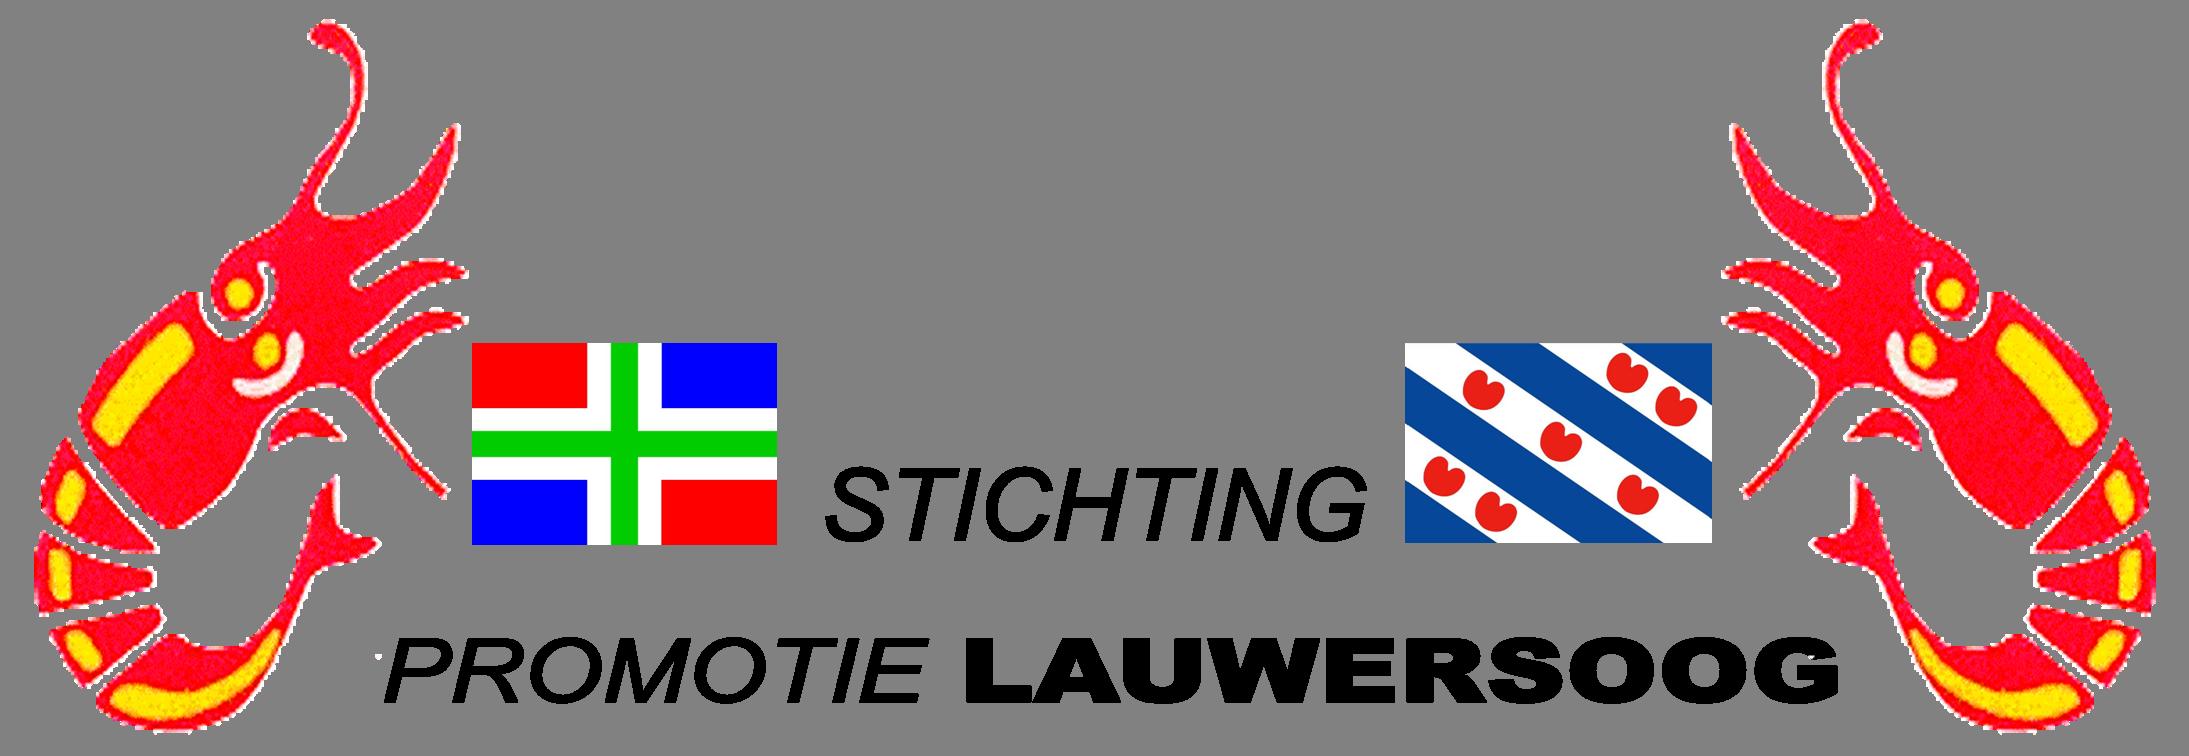 Promotie Lauwersoog - Stichting Promotie Lauwersoog